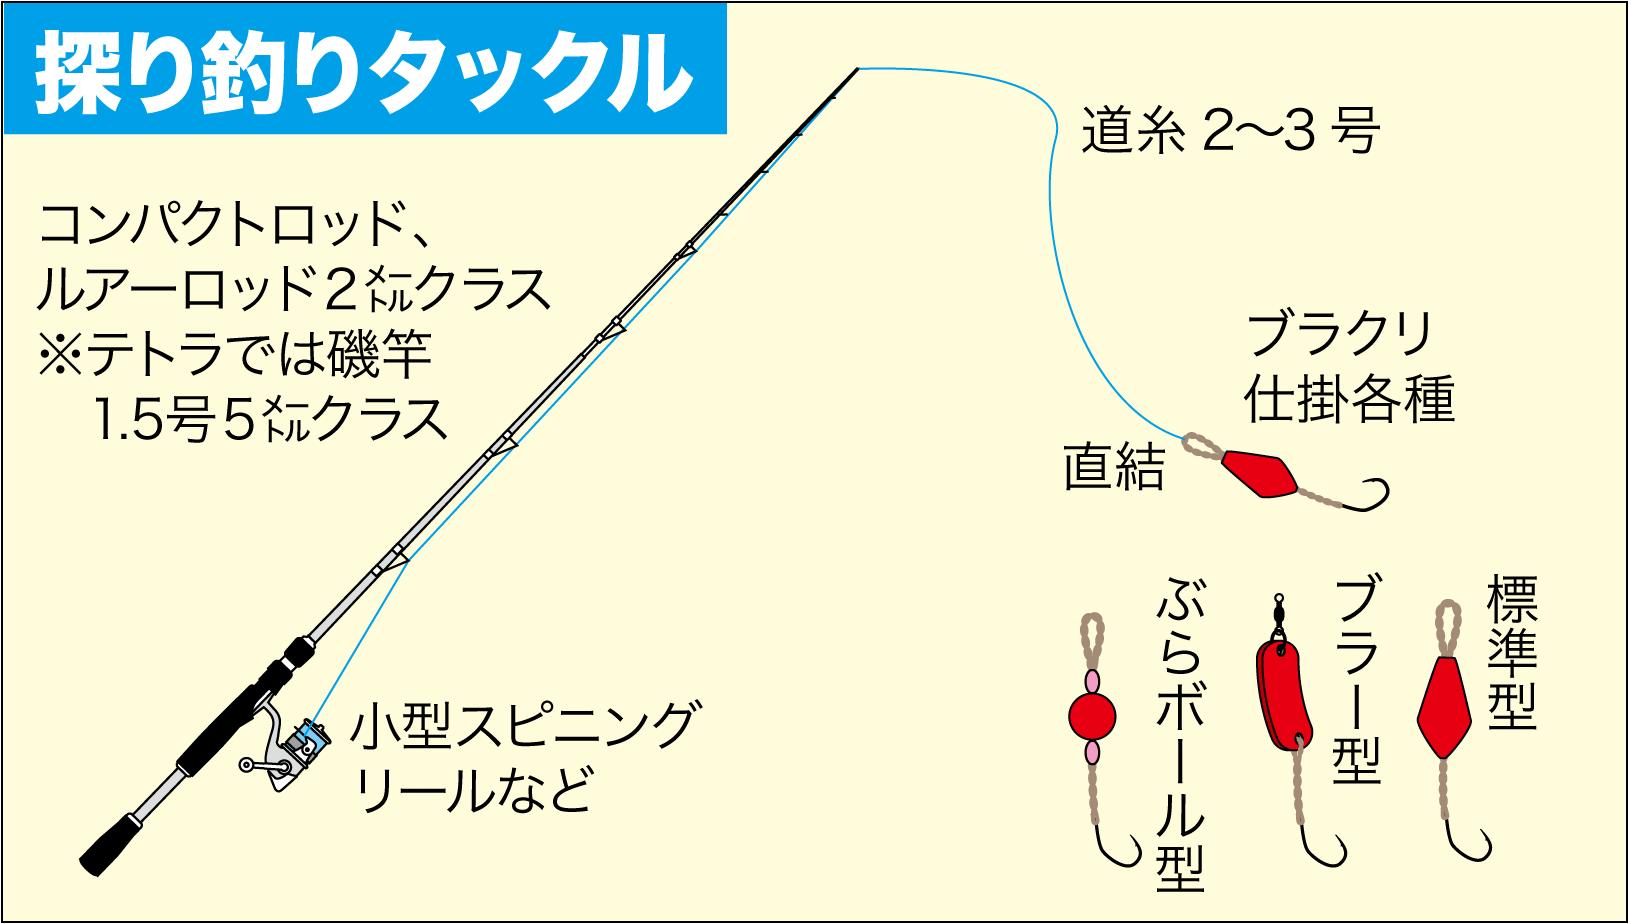 アイナメ釣り方1